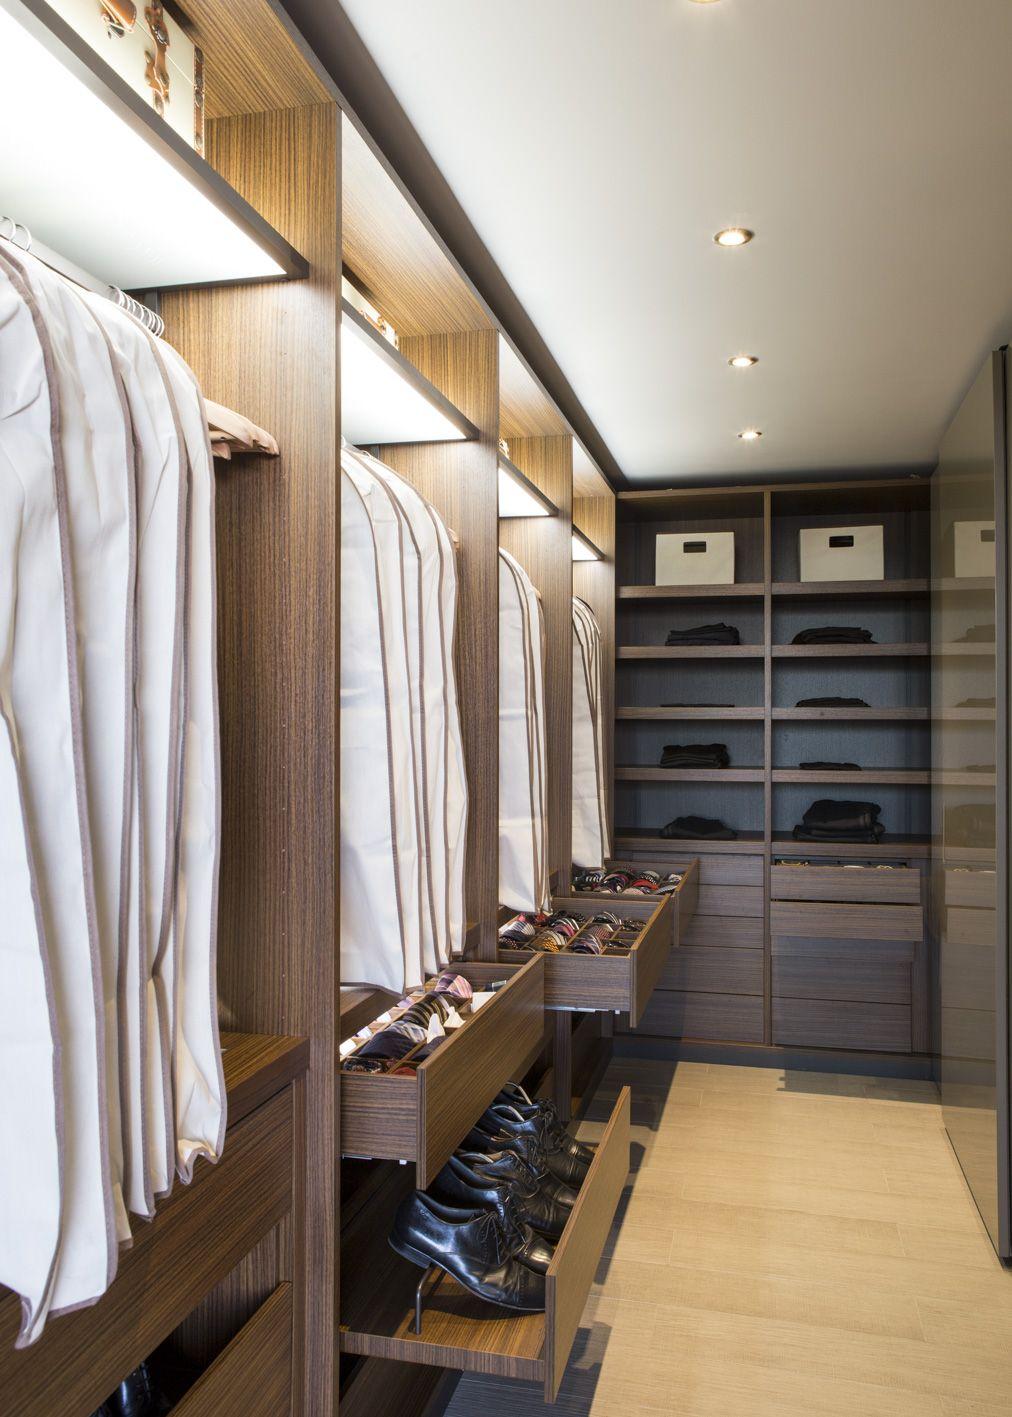 Best Dressing Room Design: M Square Lifestyle Necessities